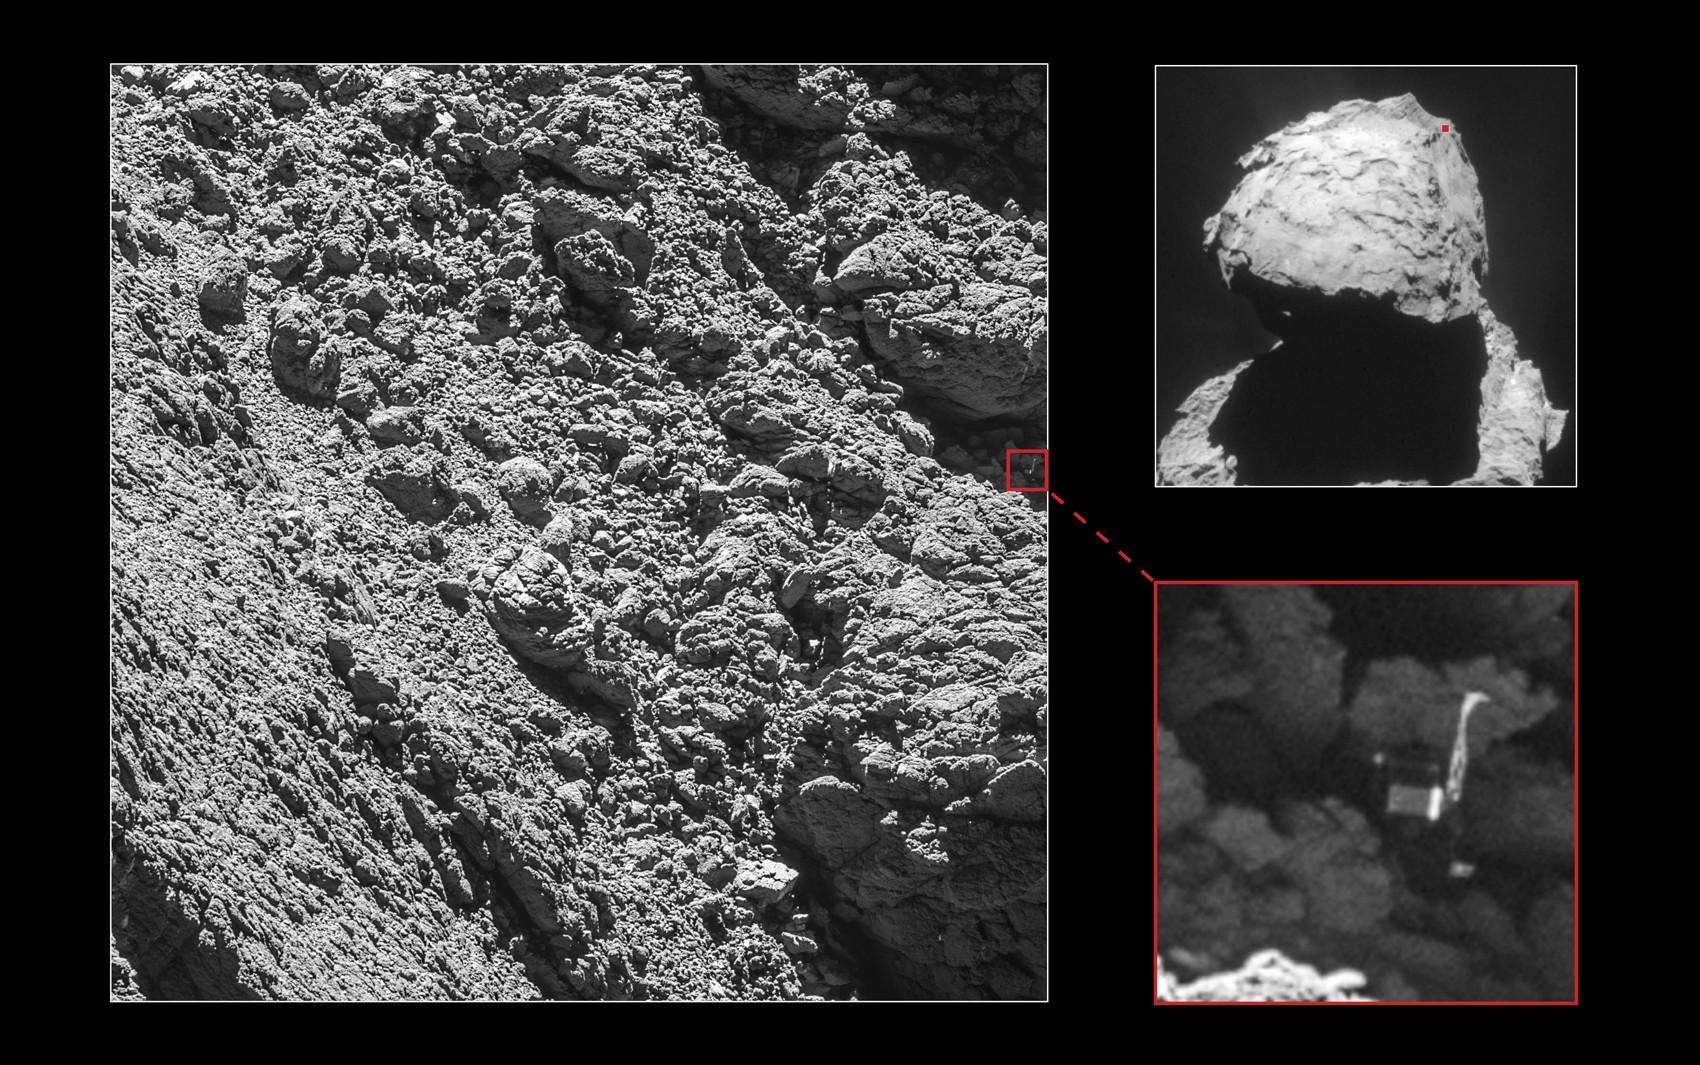 Robô Philae foi identificado pela câmera OSIRIS, da sonda Rosetta, em imagens tiradas em 2 de setembro (Foto: ESA/Rosetta/MPS for OSIRIS Team MPS/UPD/LAM/IAA/SSO/INTA/UPM/DASP/IDA)